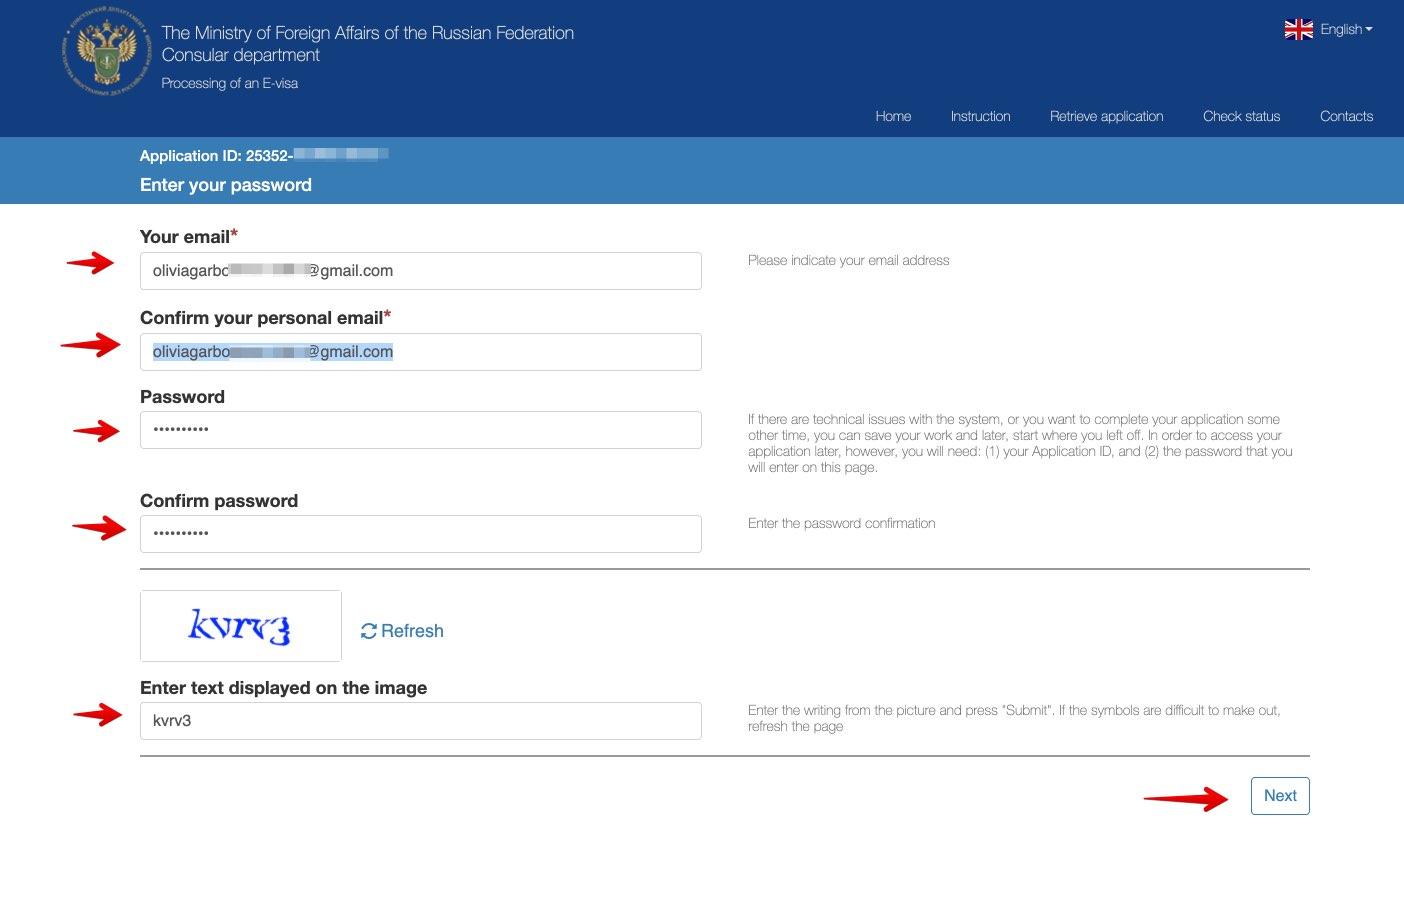 Aanvraag voor e-visum om naar Rusland te reizen - Consulaire afdeling van het ministerie van Buitenlandse Zaken van de Russische Federatie 3